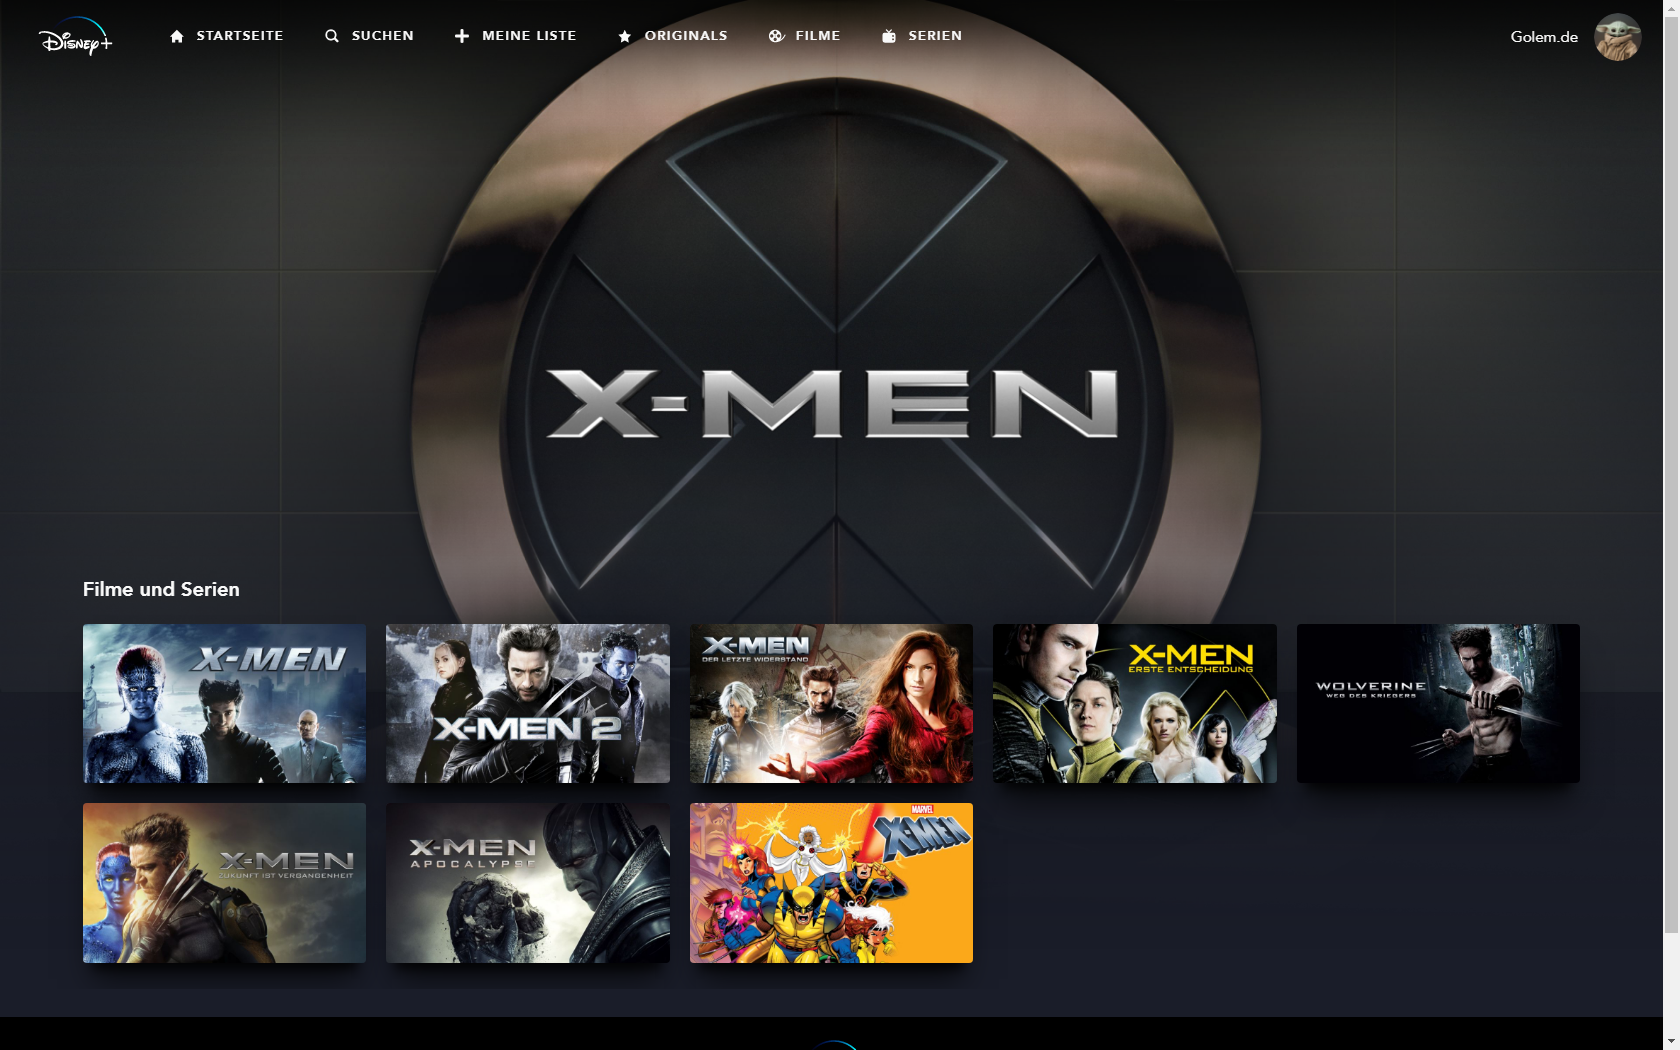 Konkurrenz für Netflix und Prime Video: Disney nennt Filme und Serien für Disney+ in Deutschland - X-Men-Kollektion bei Disney+ (Bild: Disney+/Screenshot: Golem.de)